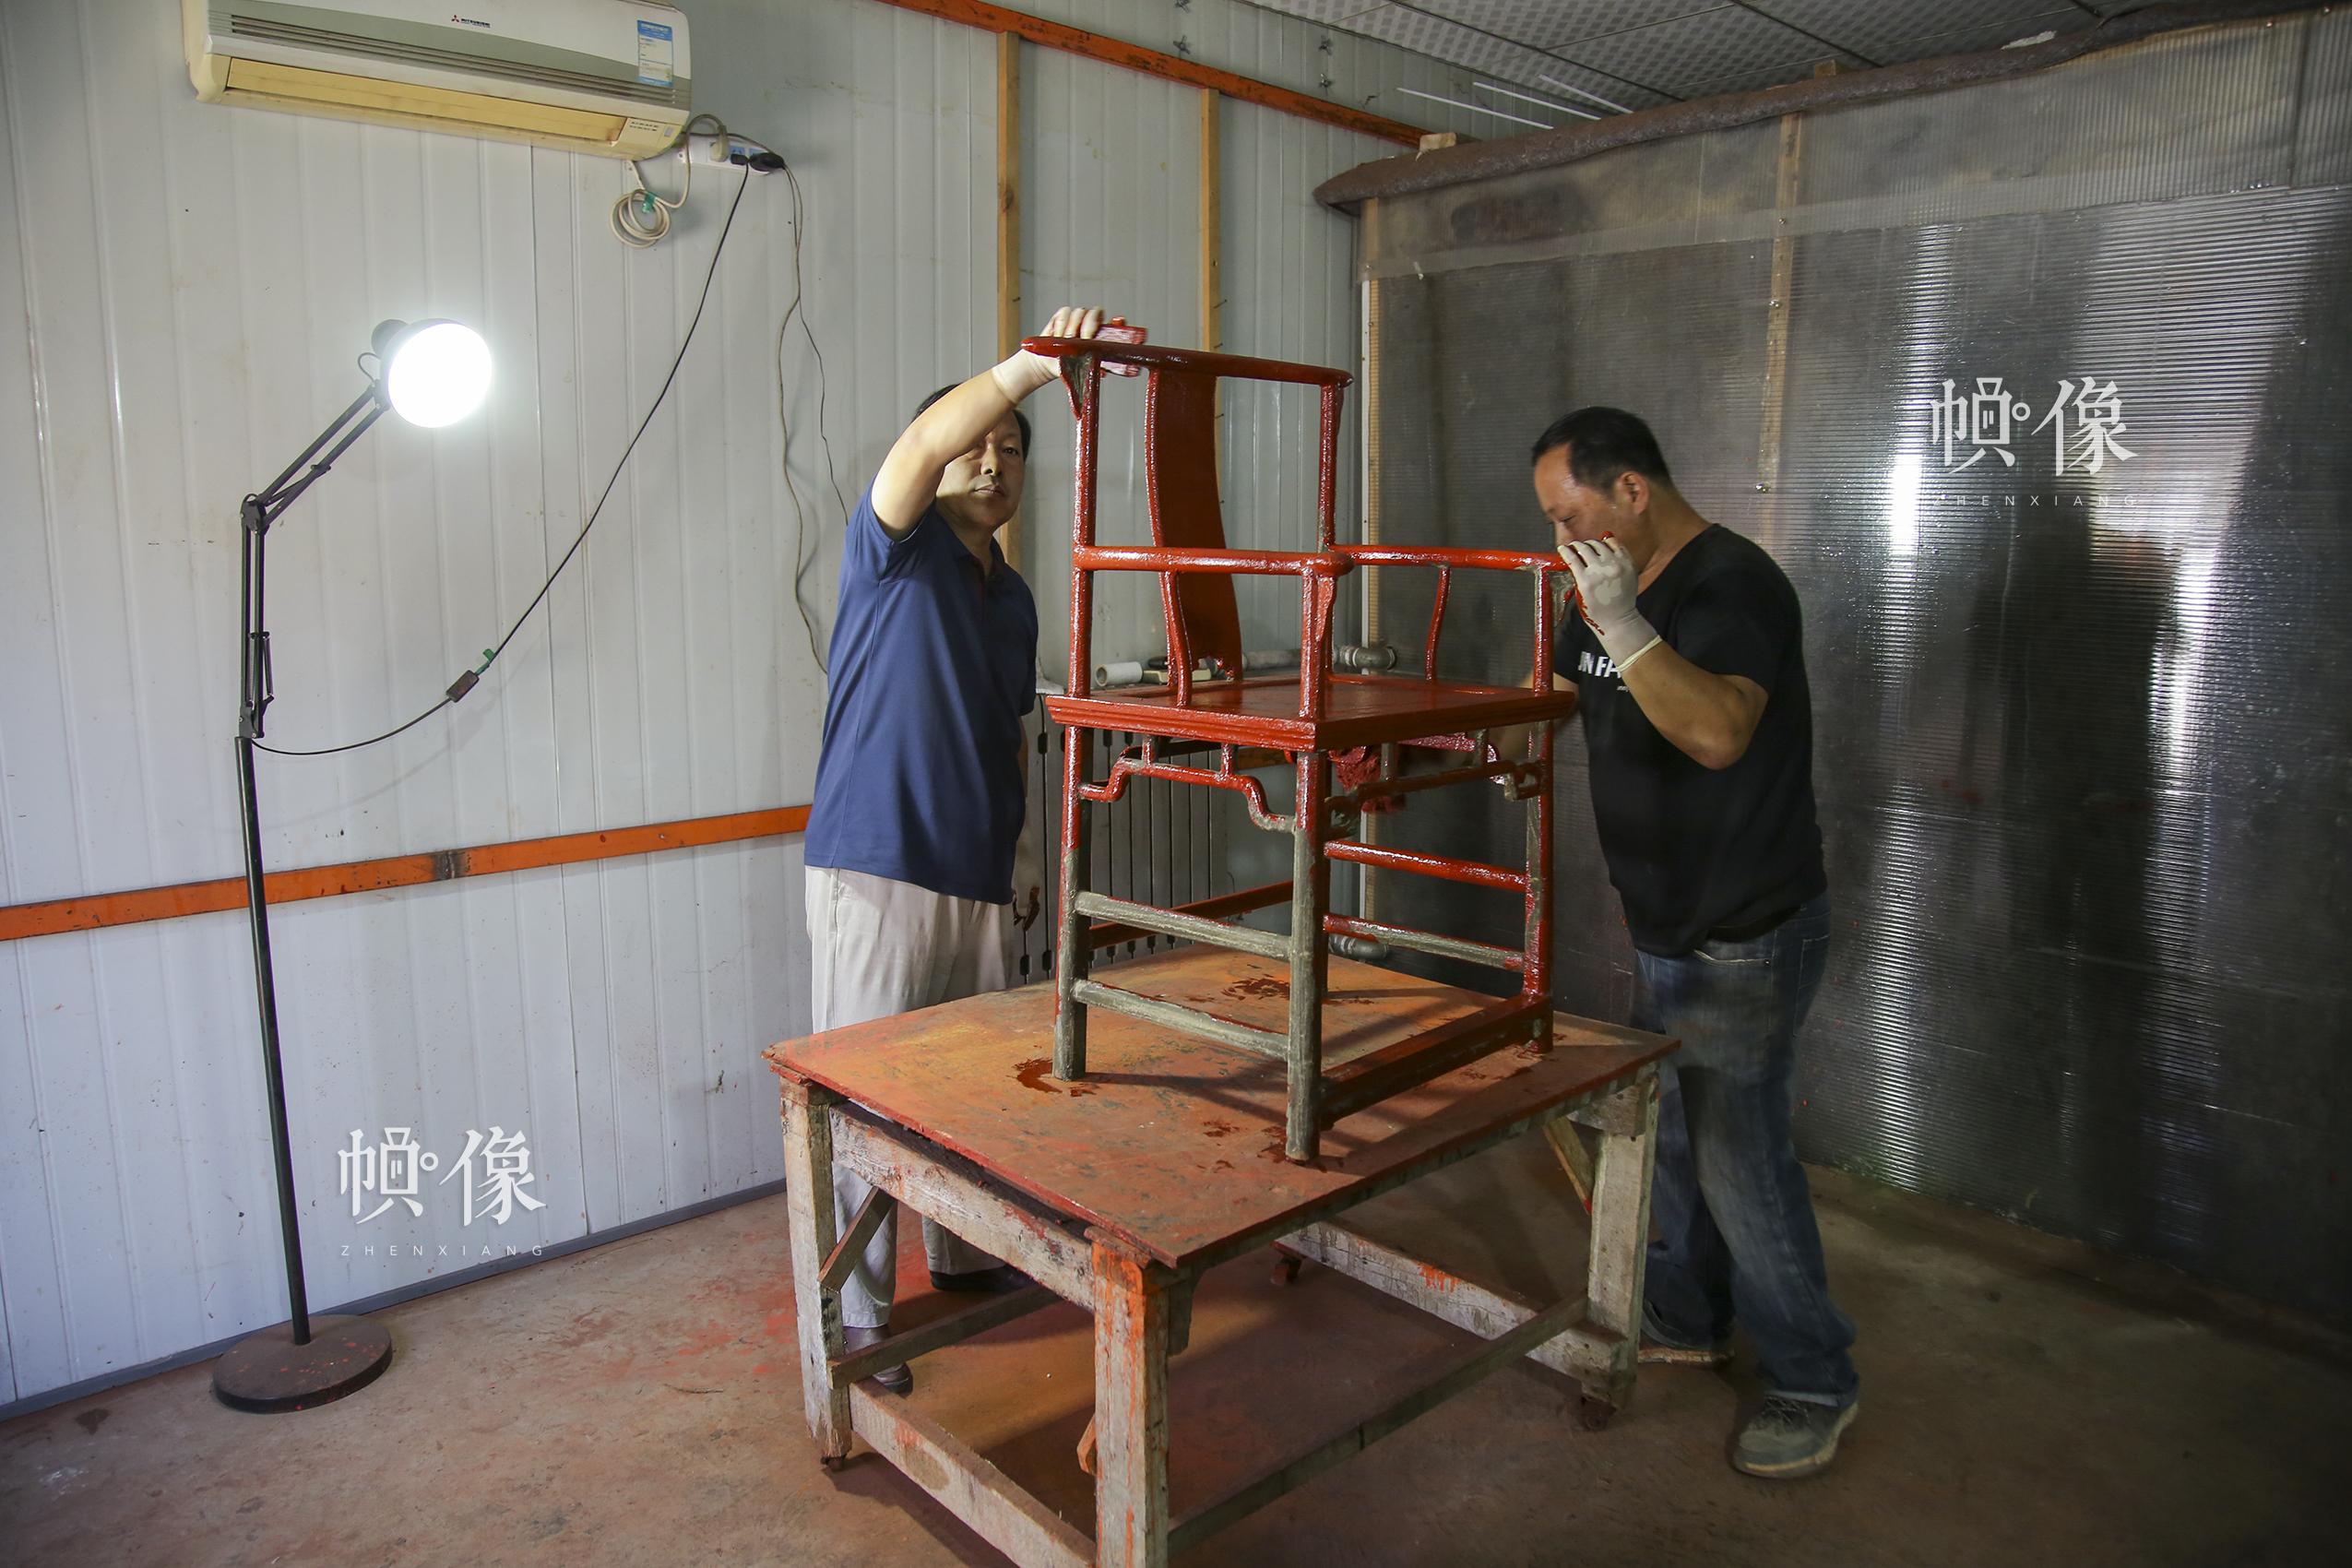 """2017年9月20日,""""明古斋""""雕漆工厂车间,北京工艺美术雕漆大师杨之新和同事给一把凳子髹漆。在做好的胎型上反复涂上漆层,称为光漆。第一层漆涂上阴干后,再涂第二层,每天涂一层,如此反复,达到工艺所需要的厚度为止。中国网记者 黄富友 摄"""